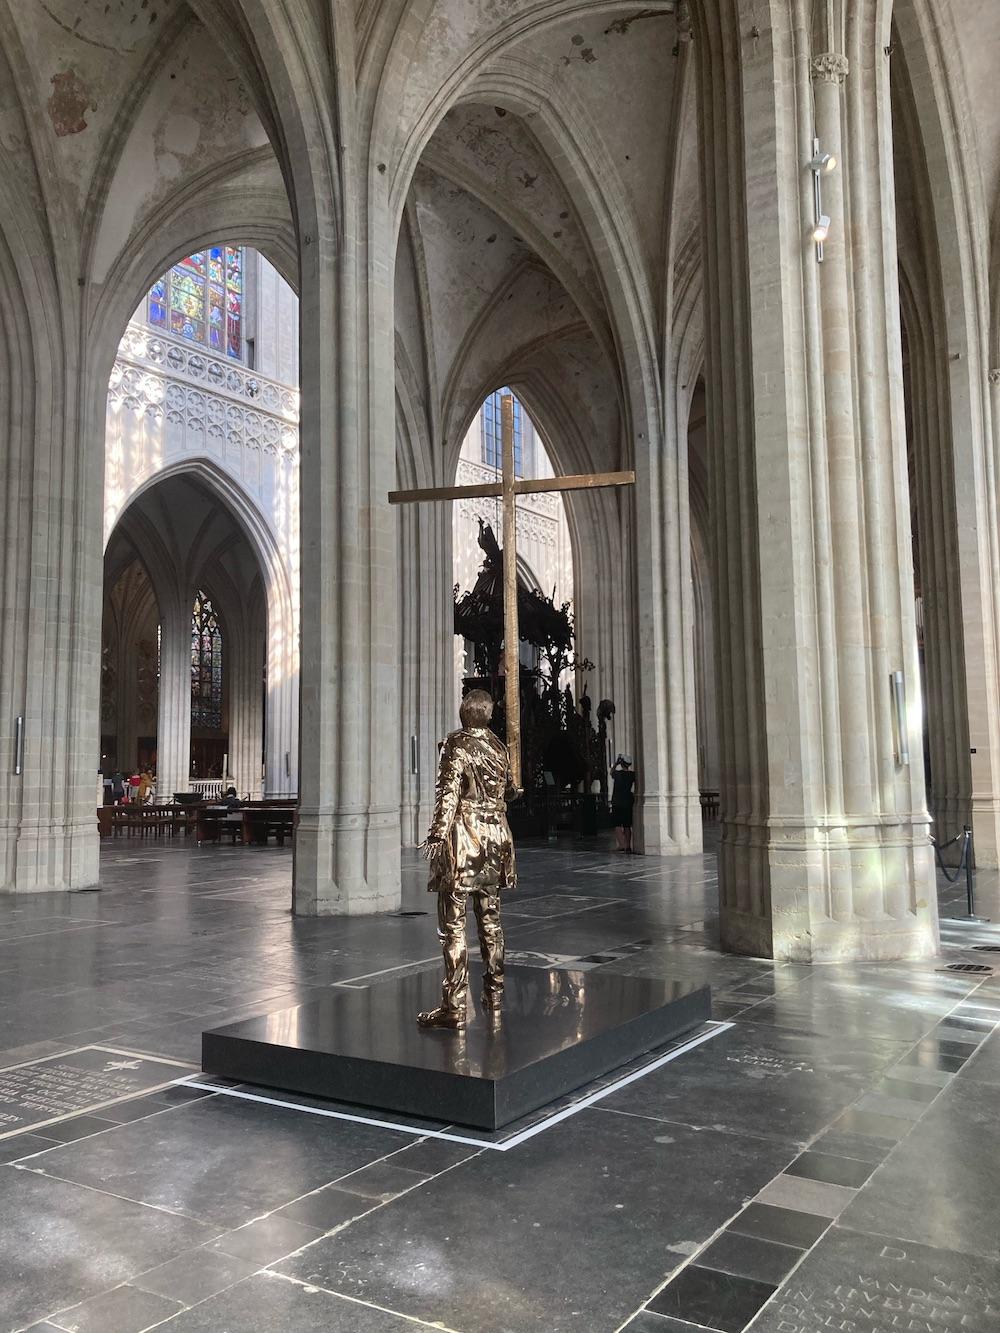 Onze-Lieve-Vrouwekathedraal Antwerpen bezienswaardigheden